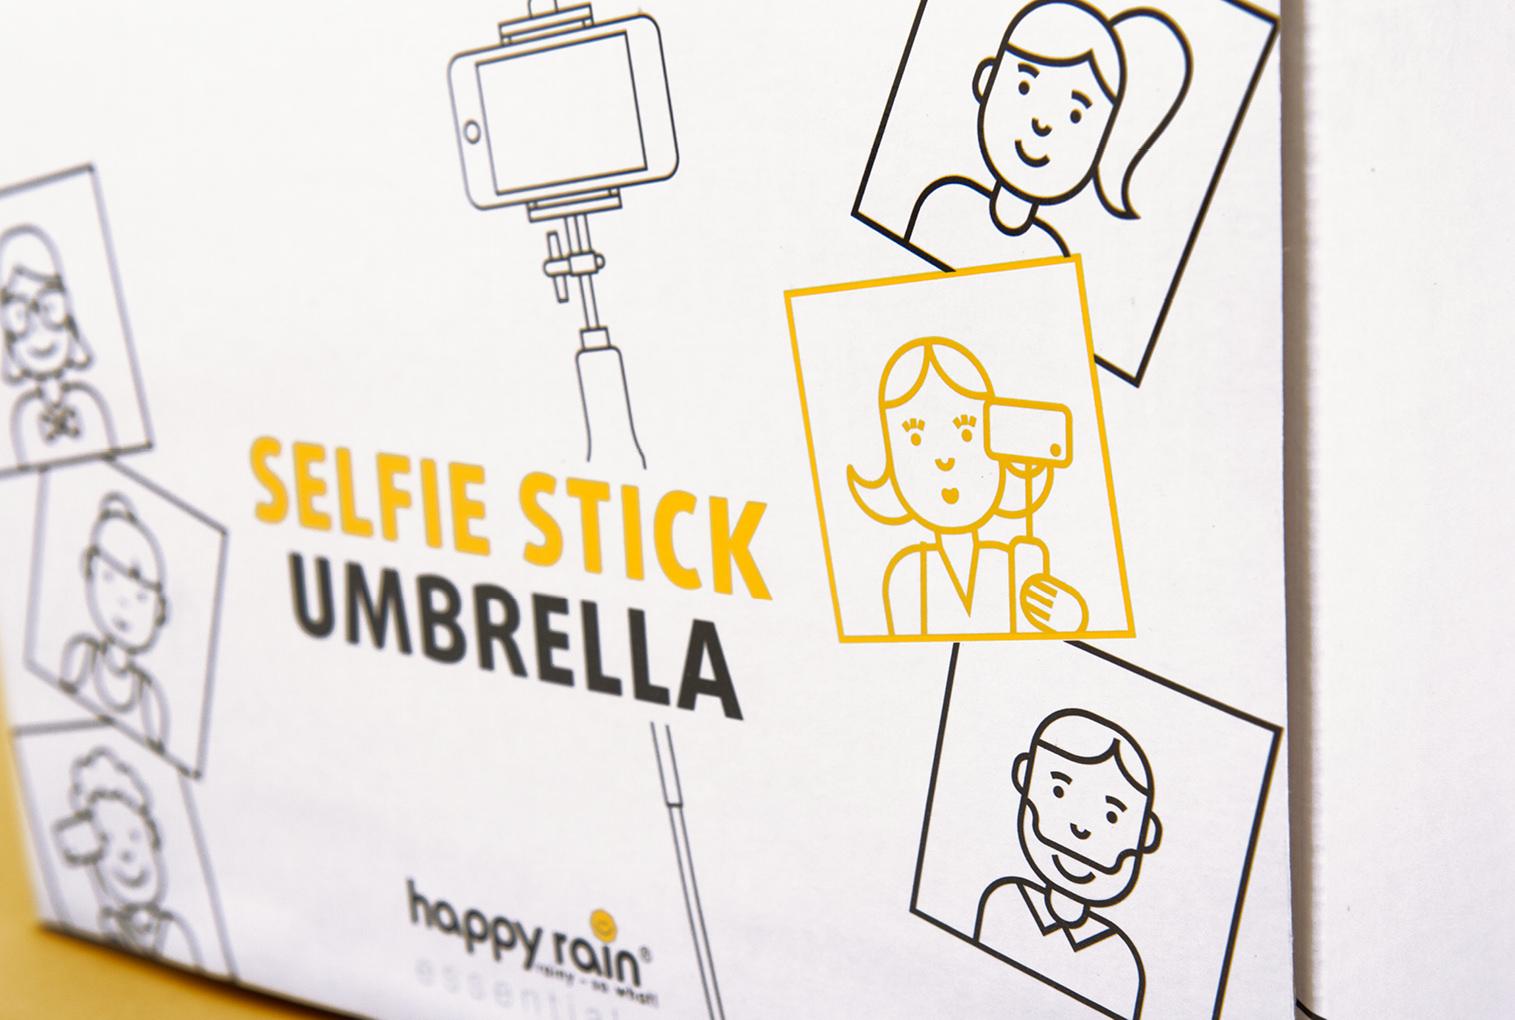 Clos-Up der Verpackung happy rain Selfie Stick Umbrella / Konzeption und Design von der Corporate Design Agentur sons of ipanema aus Köln